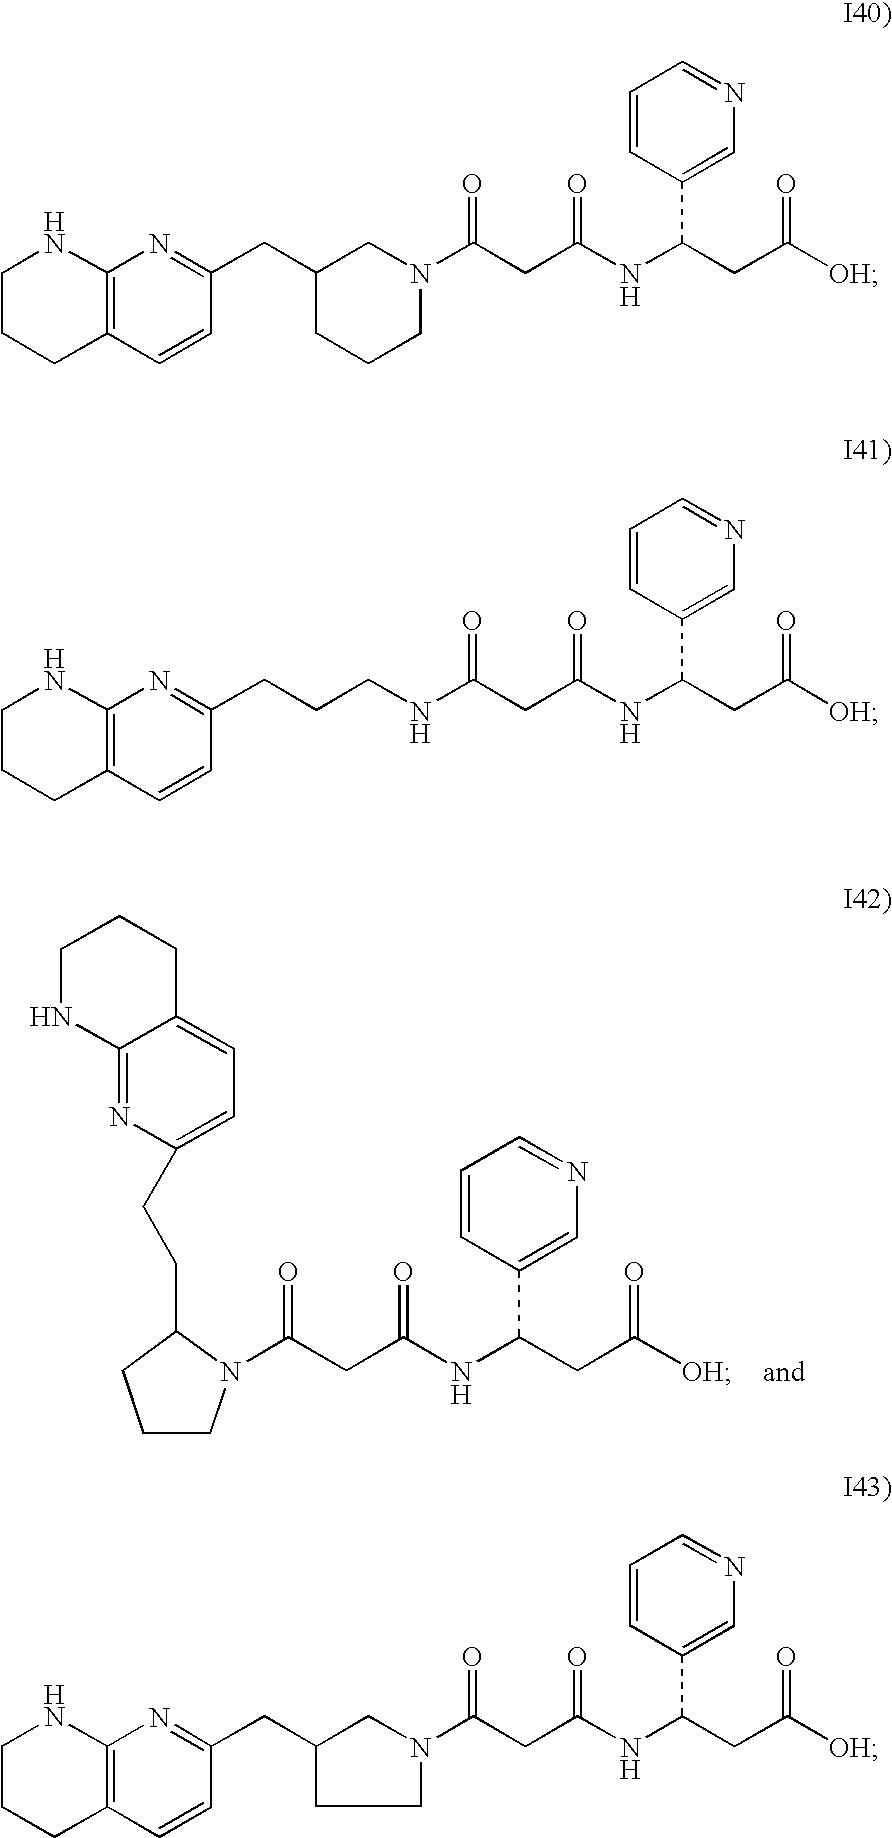 Figure US06833373-20041221-C00022